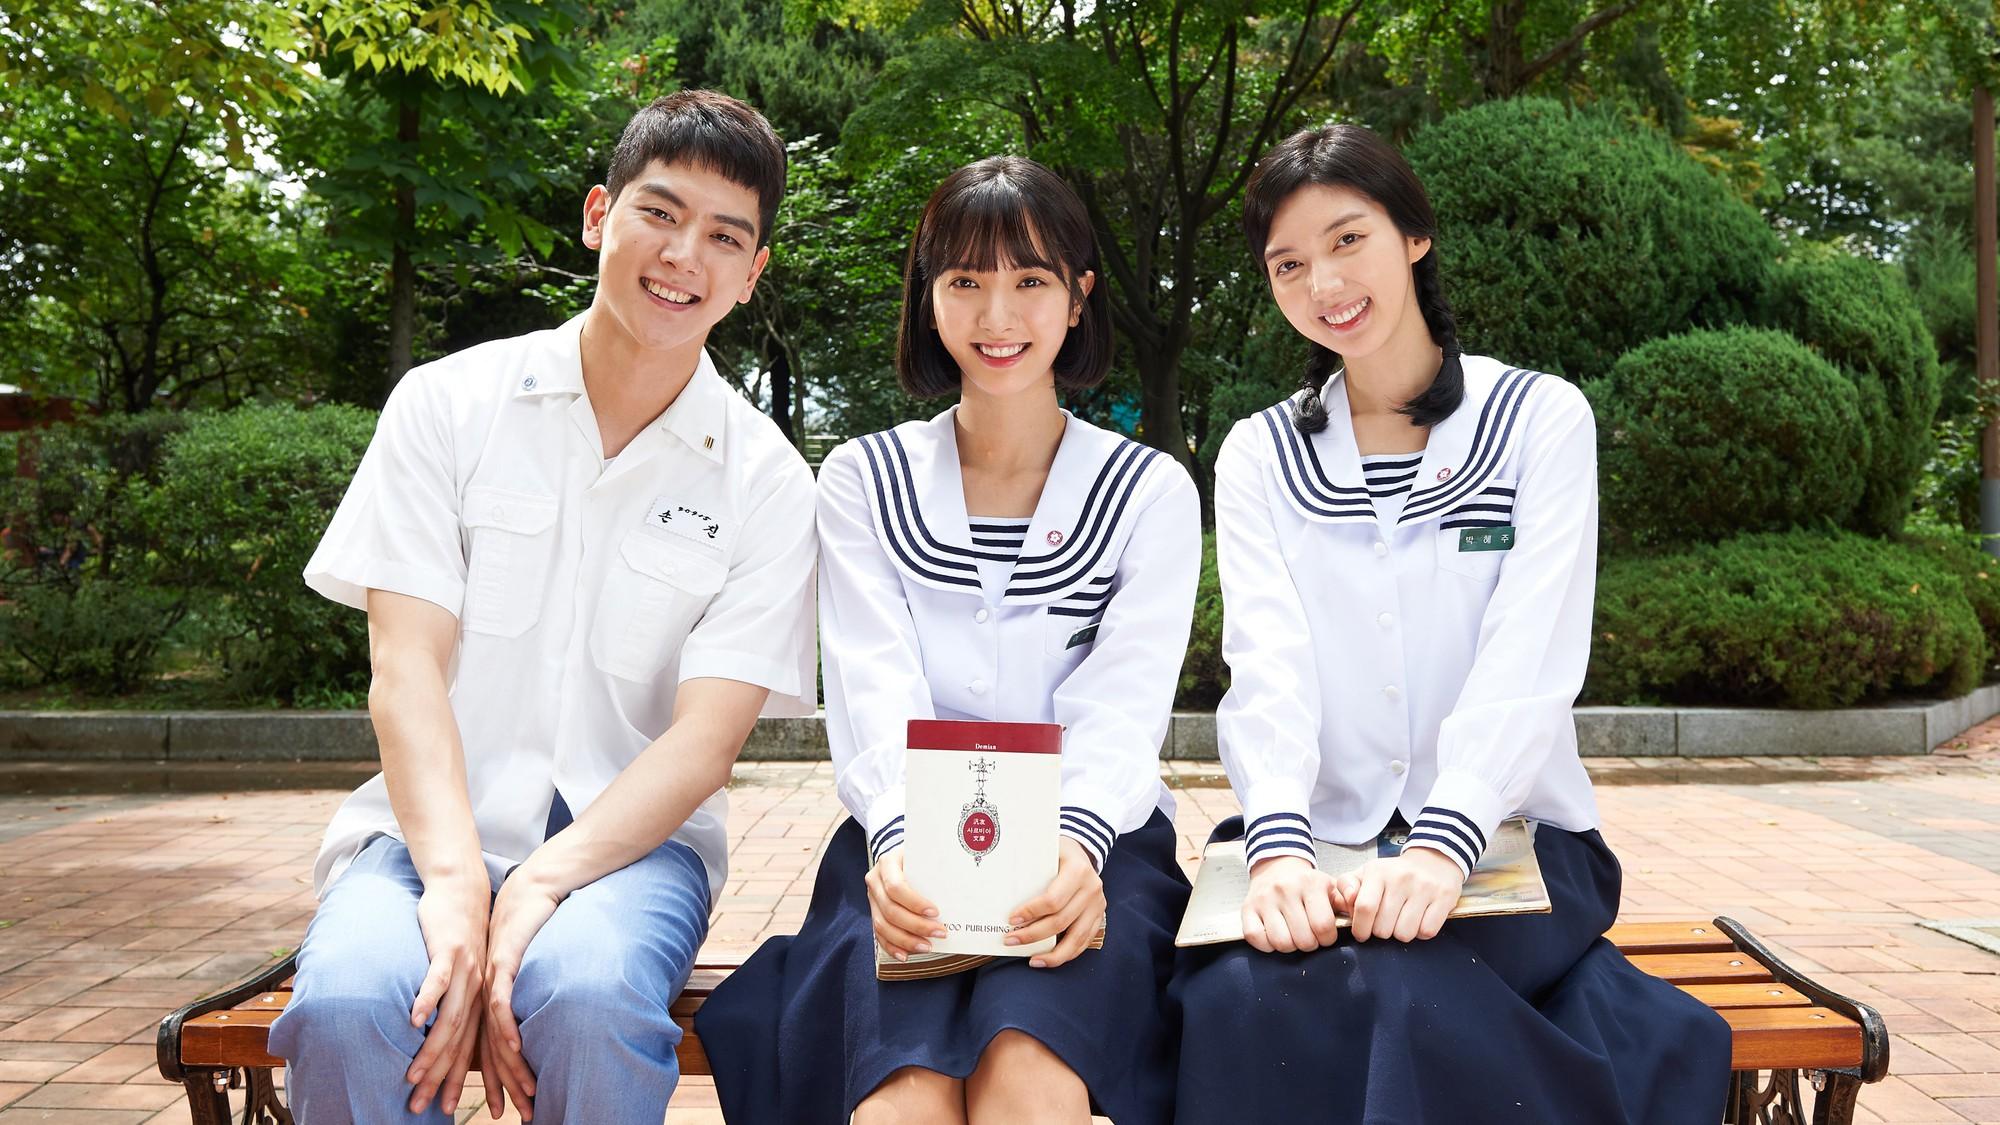 Idol Kpop giờ toàn đóng chính, nhưng gần như phim nào rating cũng... thấp kỉ lục! - Ảnh 4.